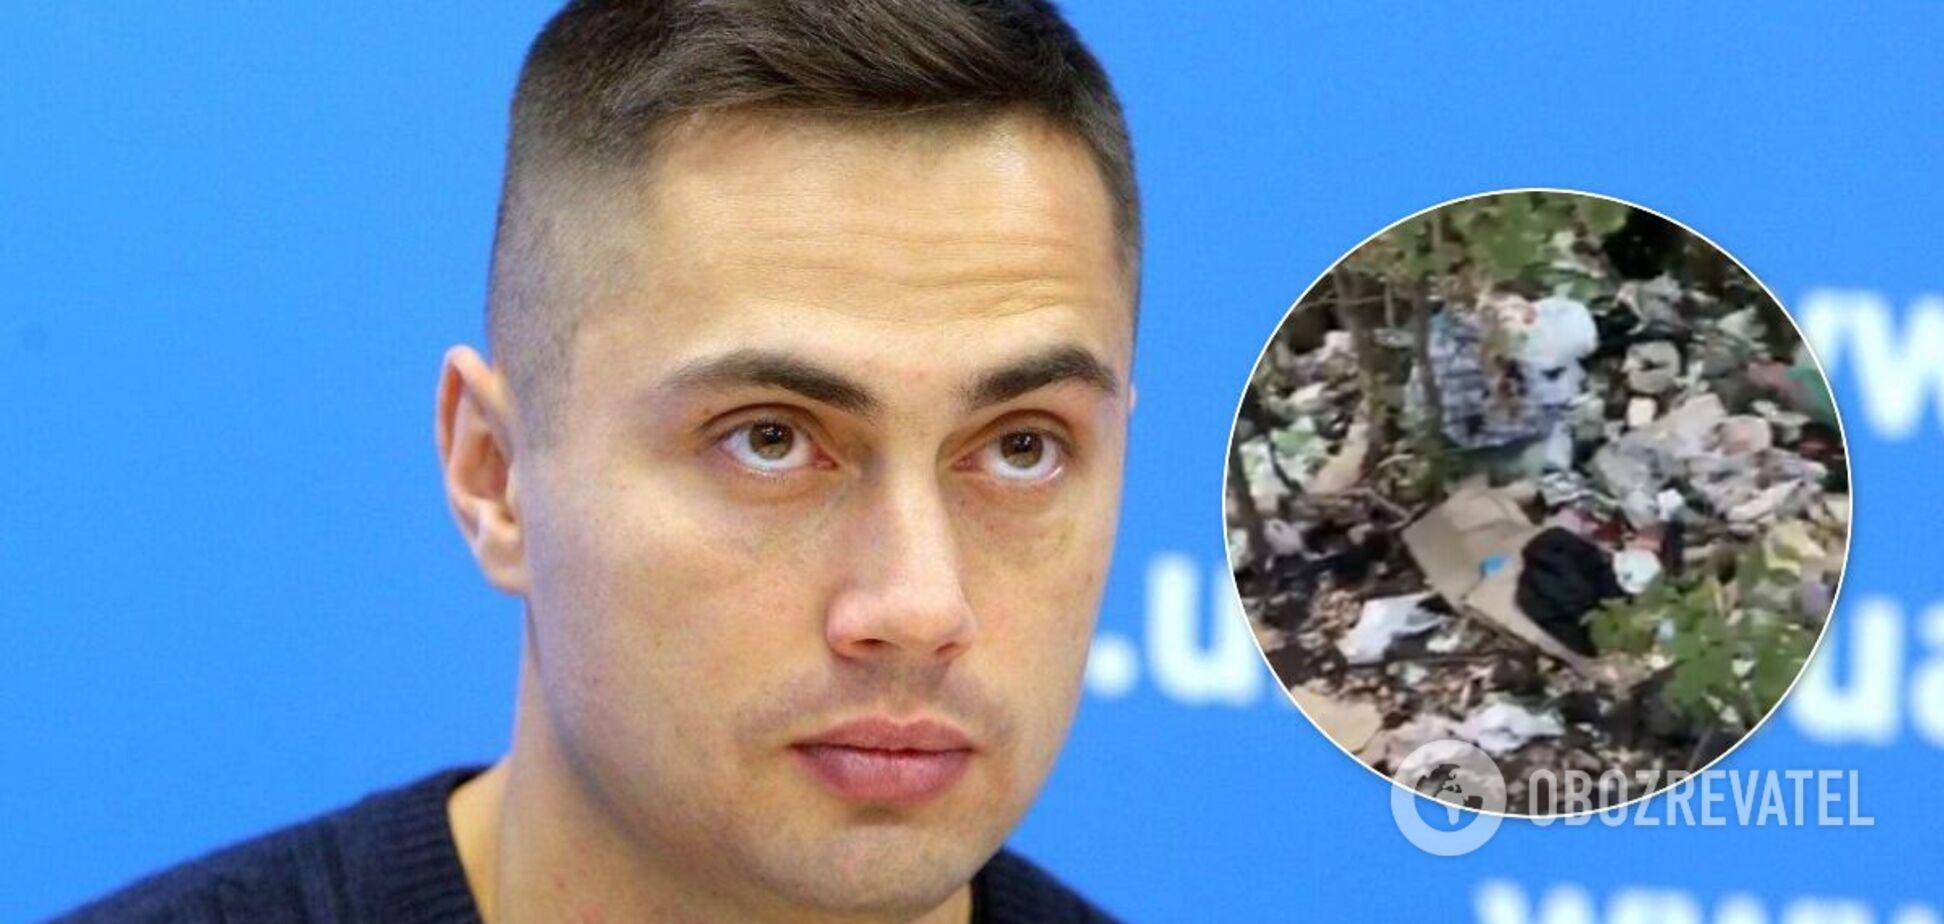 Фирсов показал очередную свалку в Киеве и рассказал, как бороться. Видео